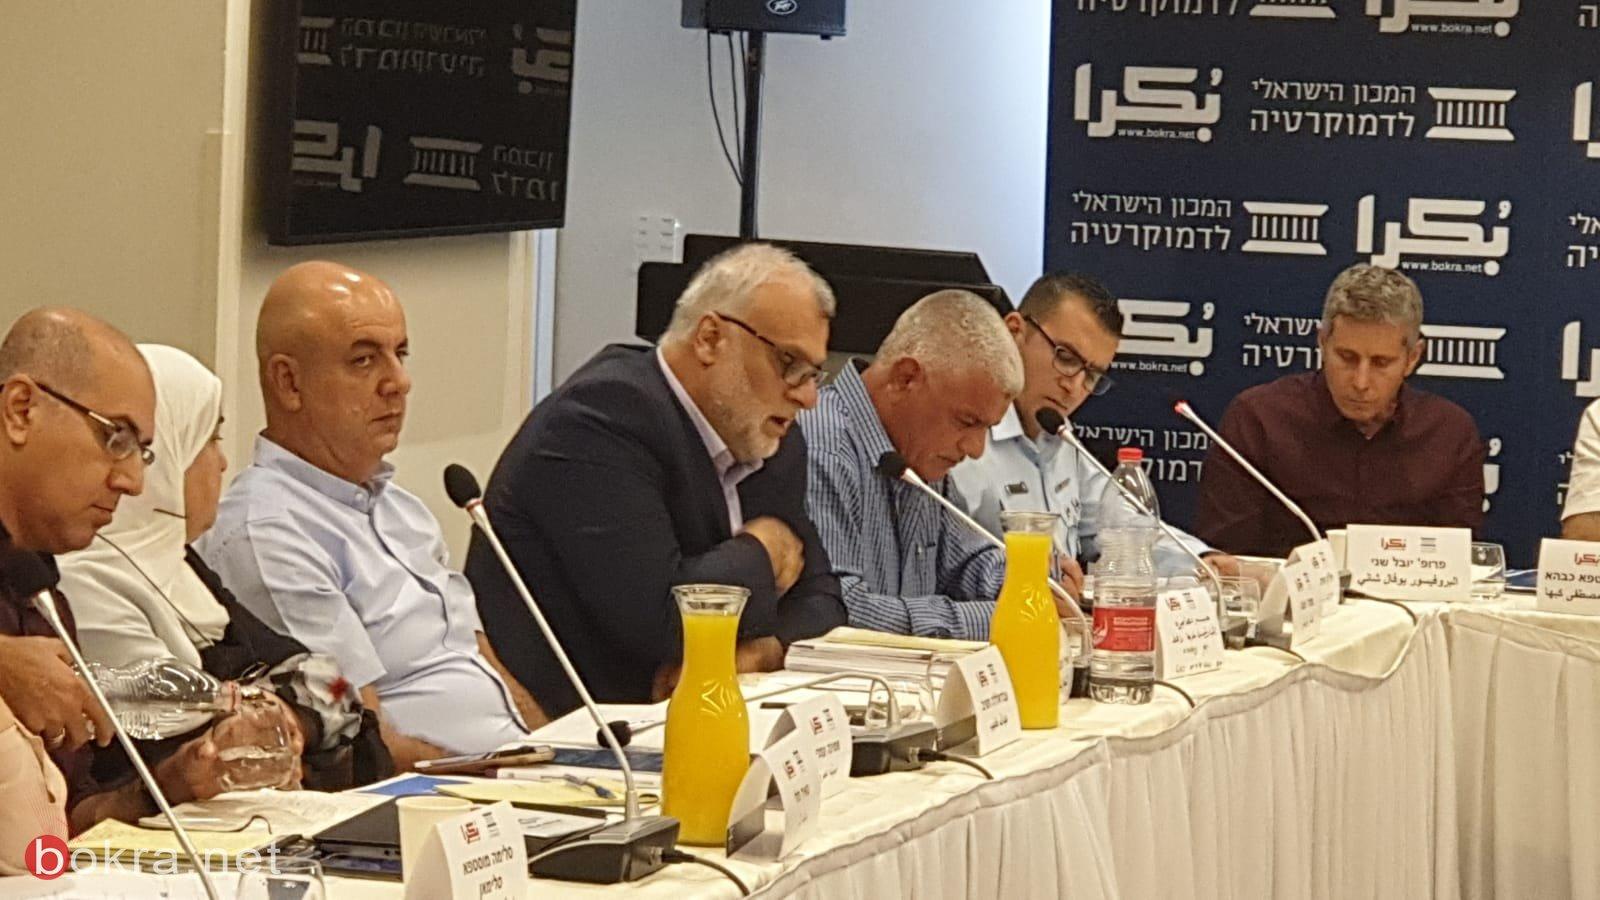 العنف في المجتمع العربي، أسبابه، والحلول لمكافحته؟ .. يوم دراسي في الناصرة-22